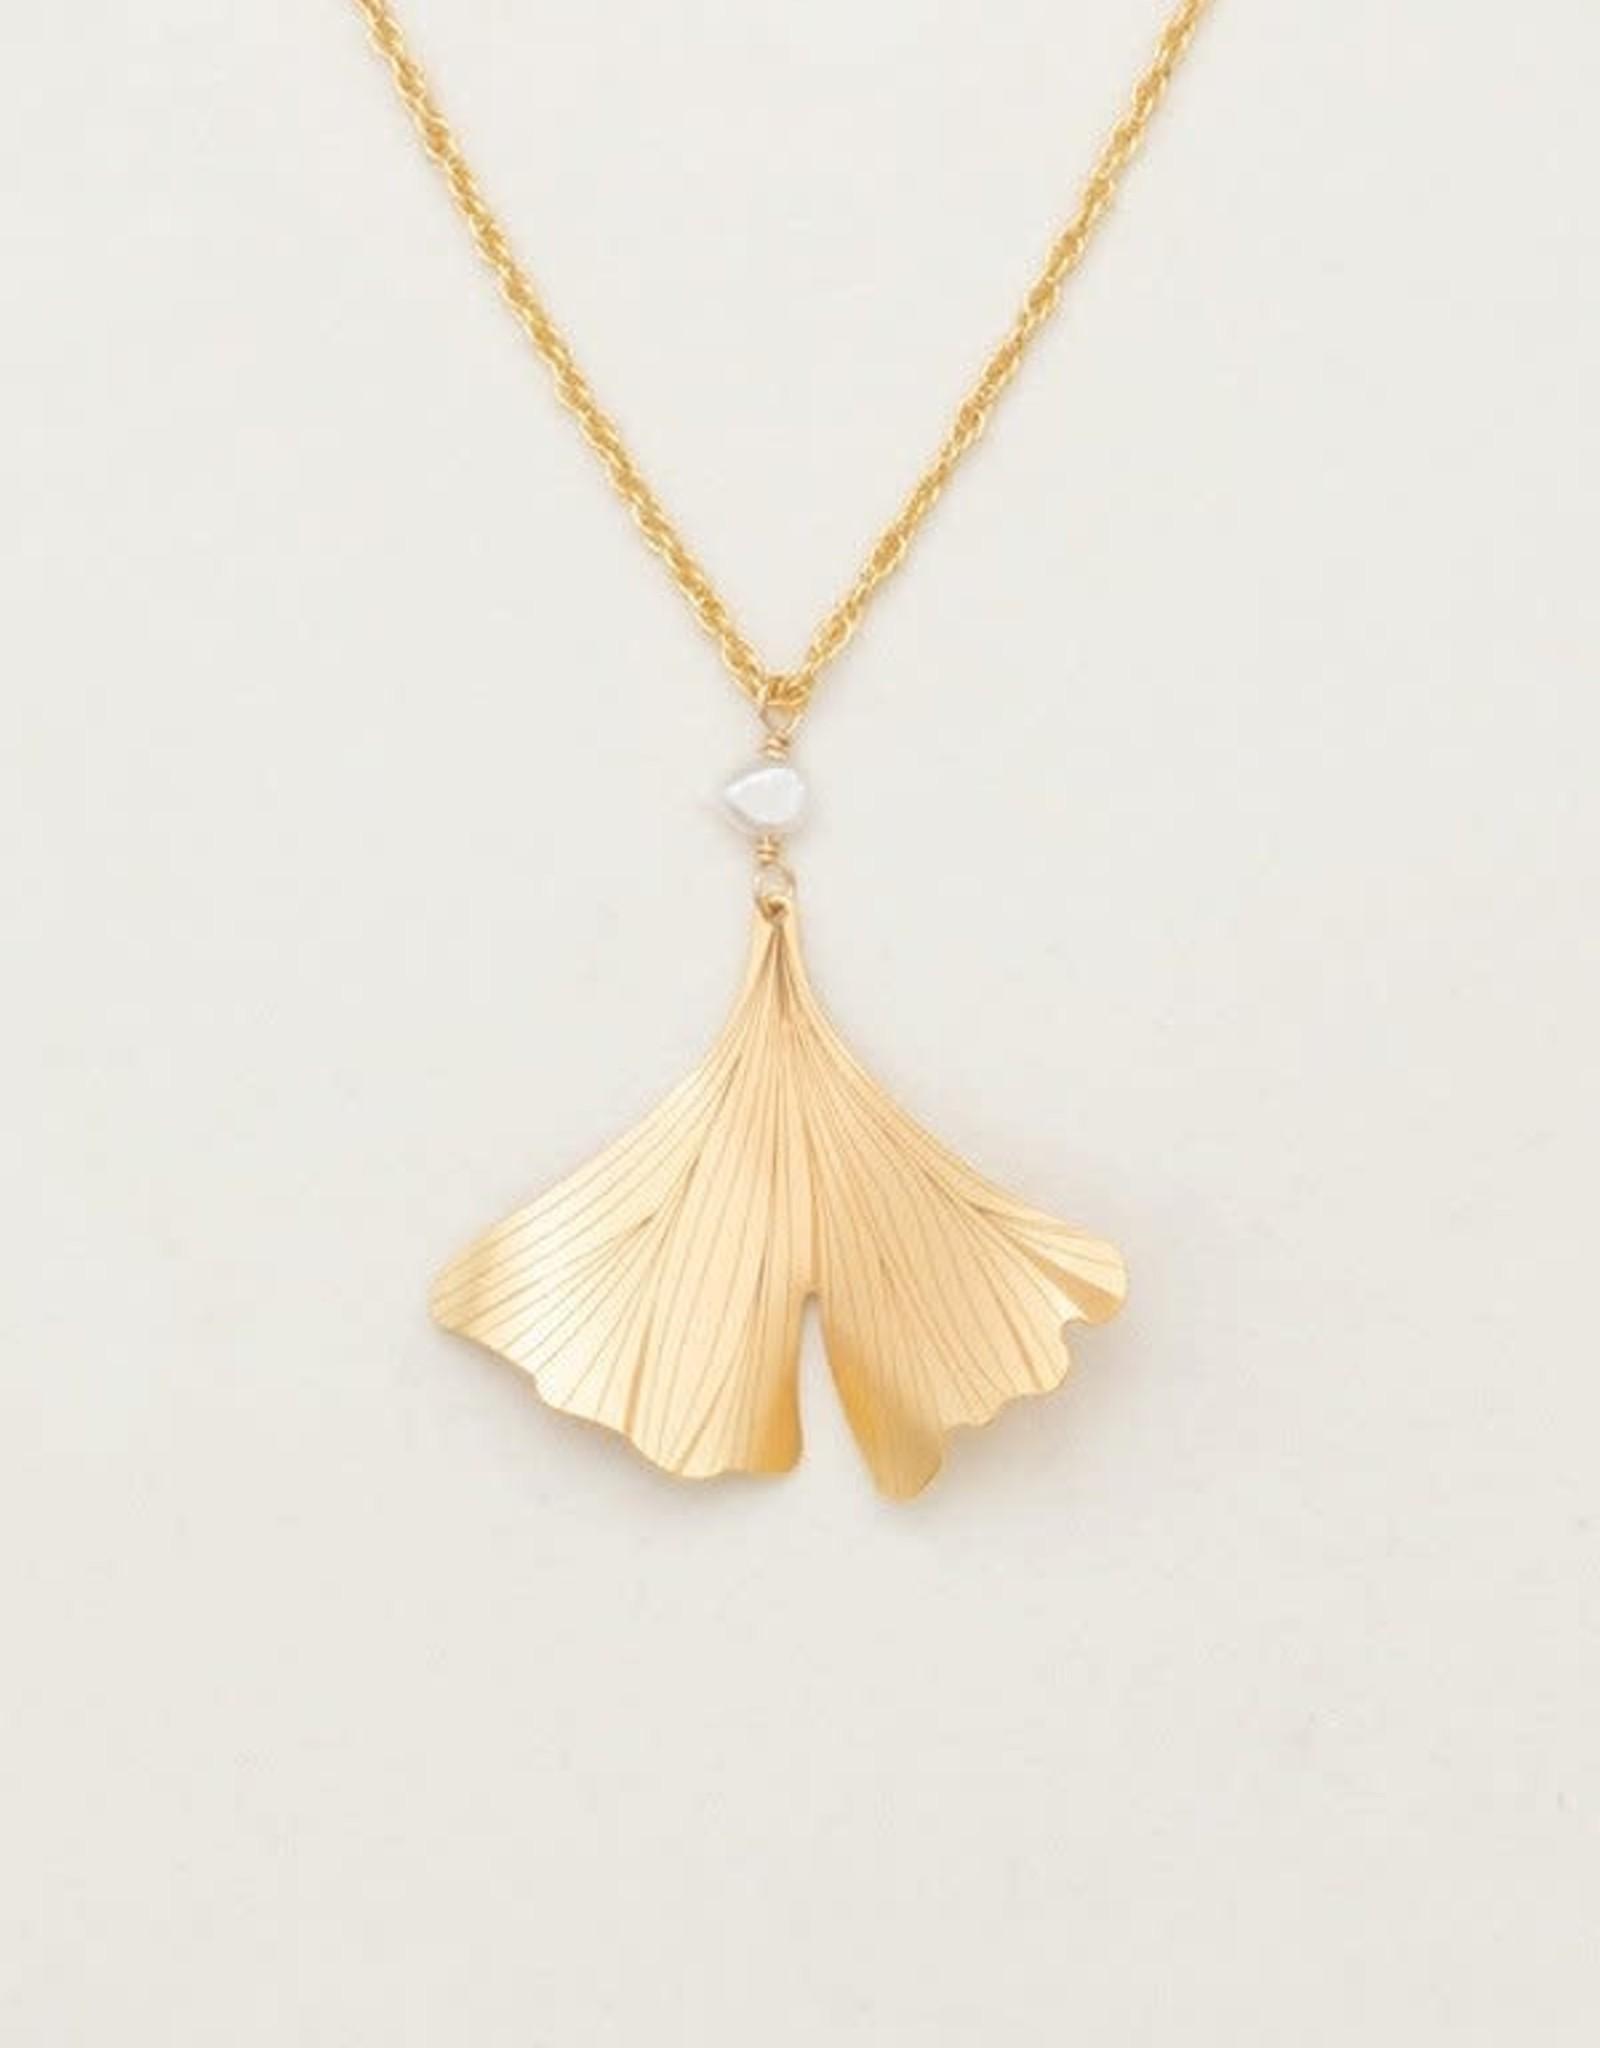 Holly Yashi Gold Ginkgo Pendant Necklace